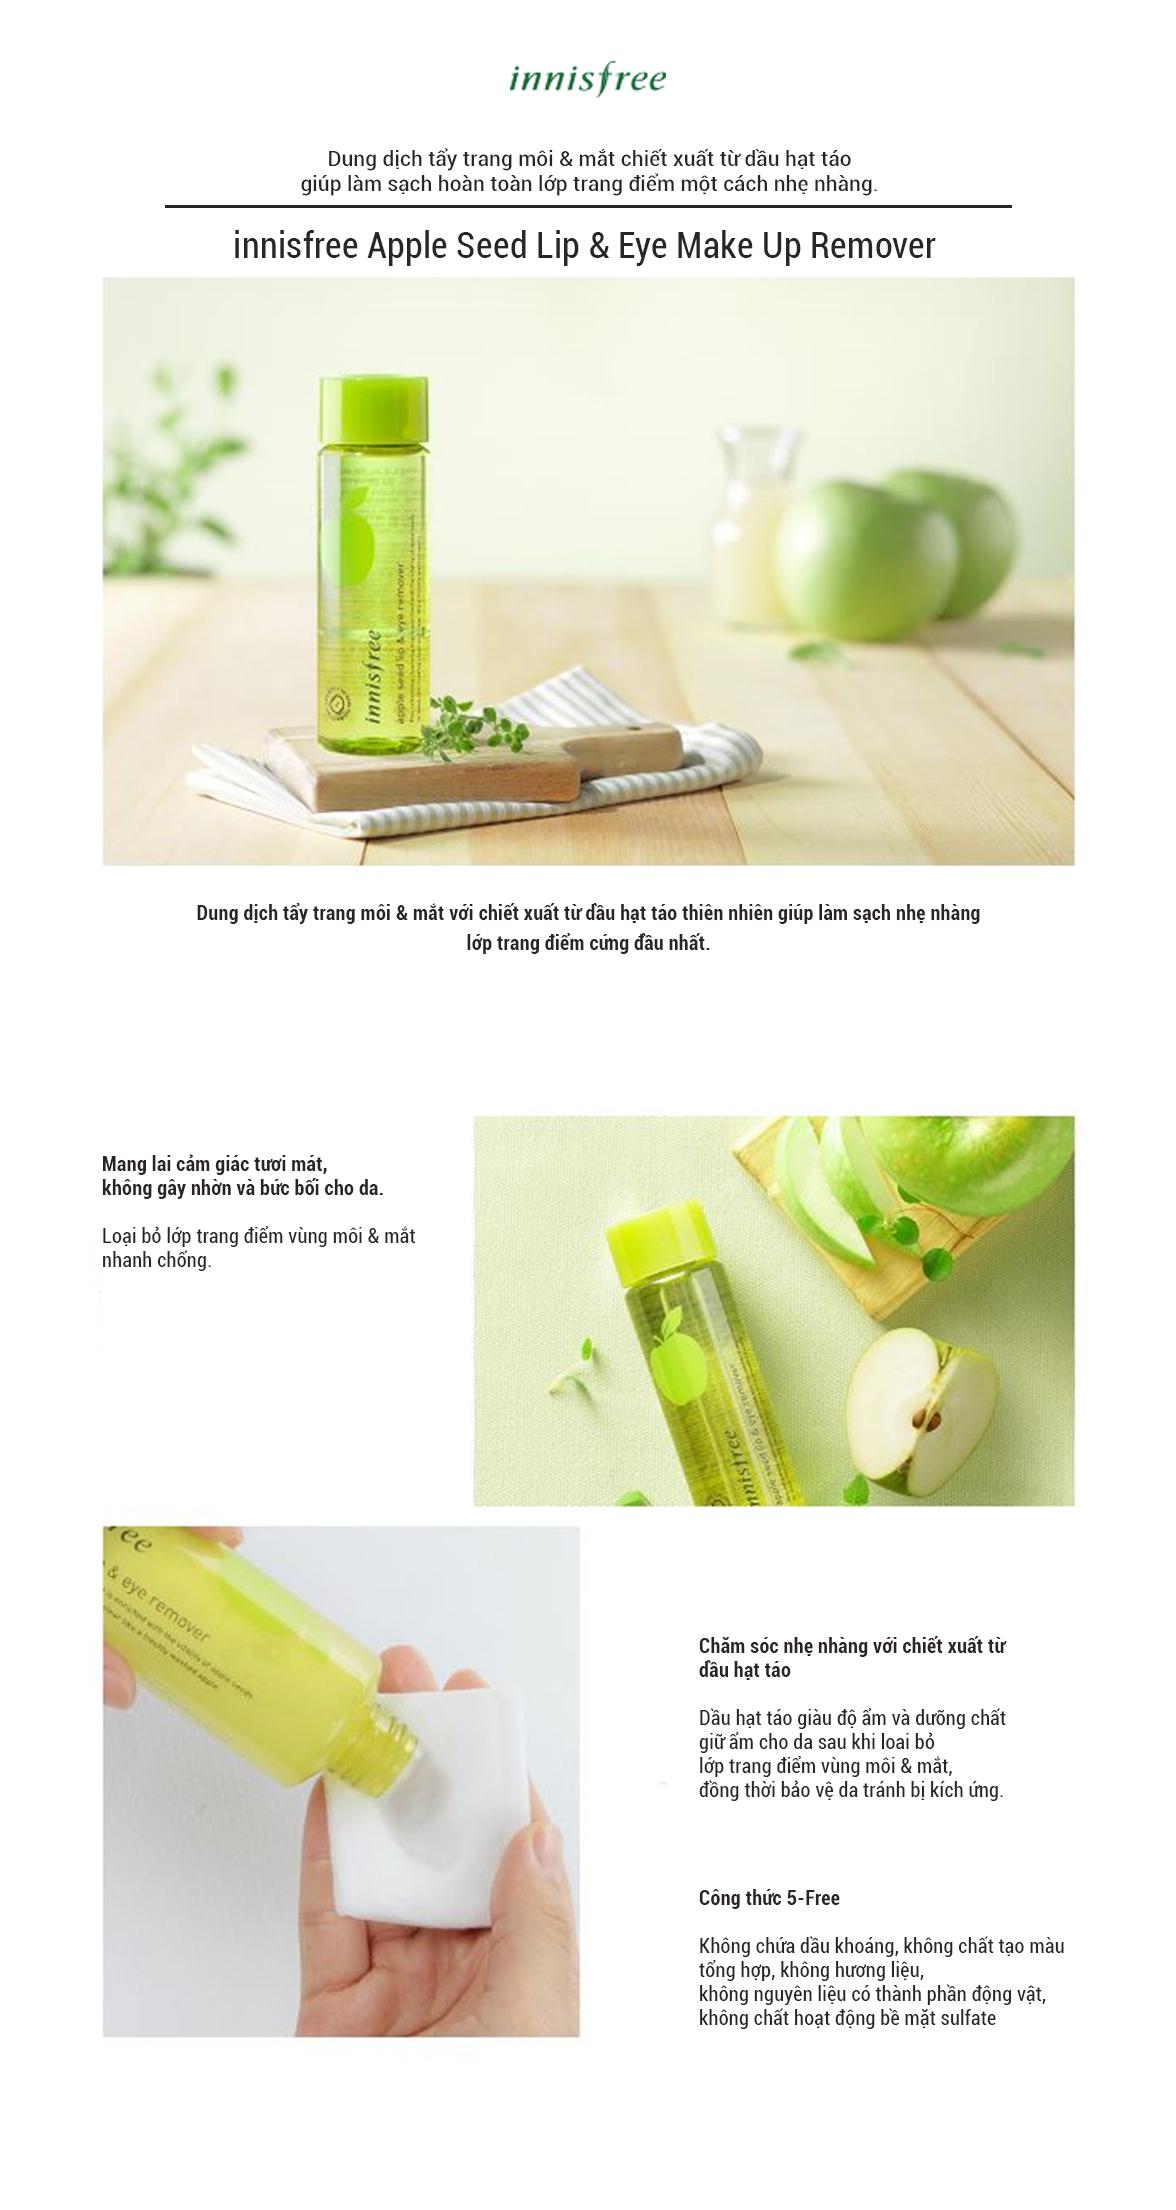 Nước Tẩy Trang Mắt Và Môi Từ Hạt Táo Innisfree Apple Seed Lip & Eye Make Up Remover (100ml)